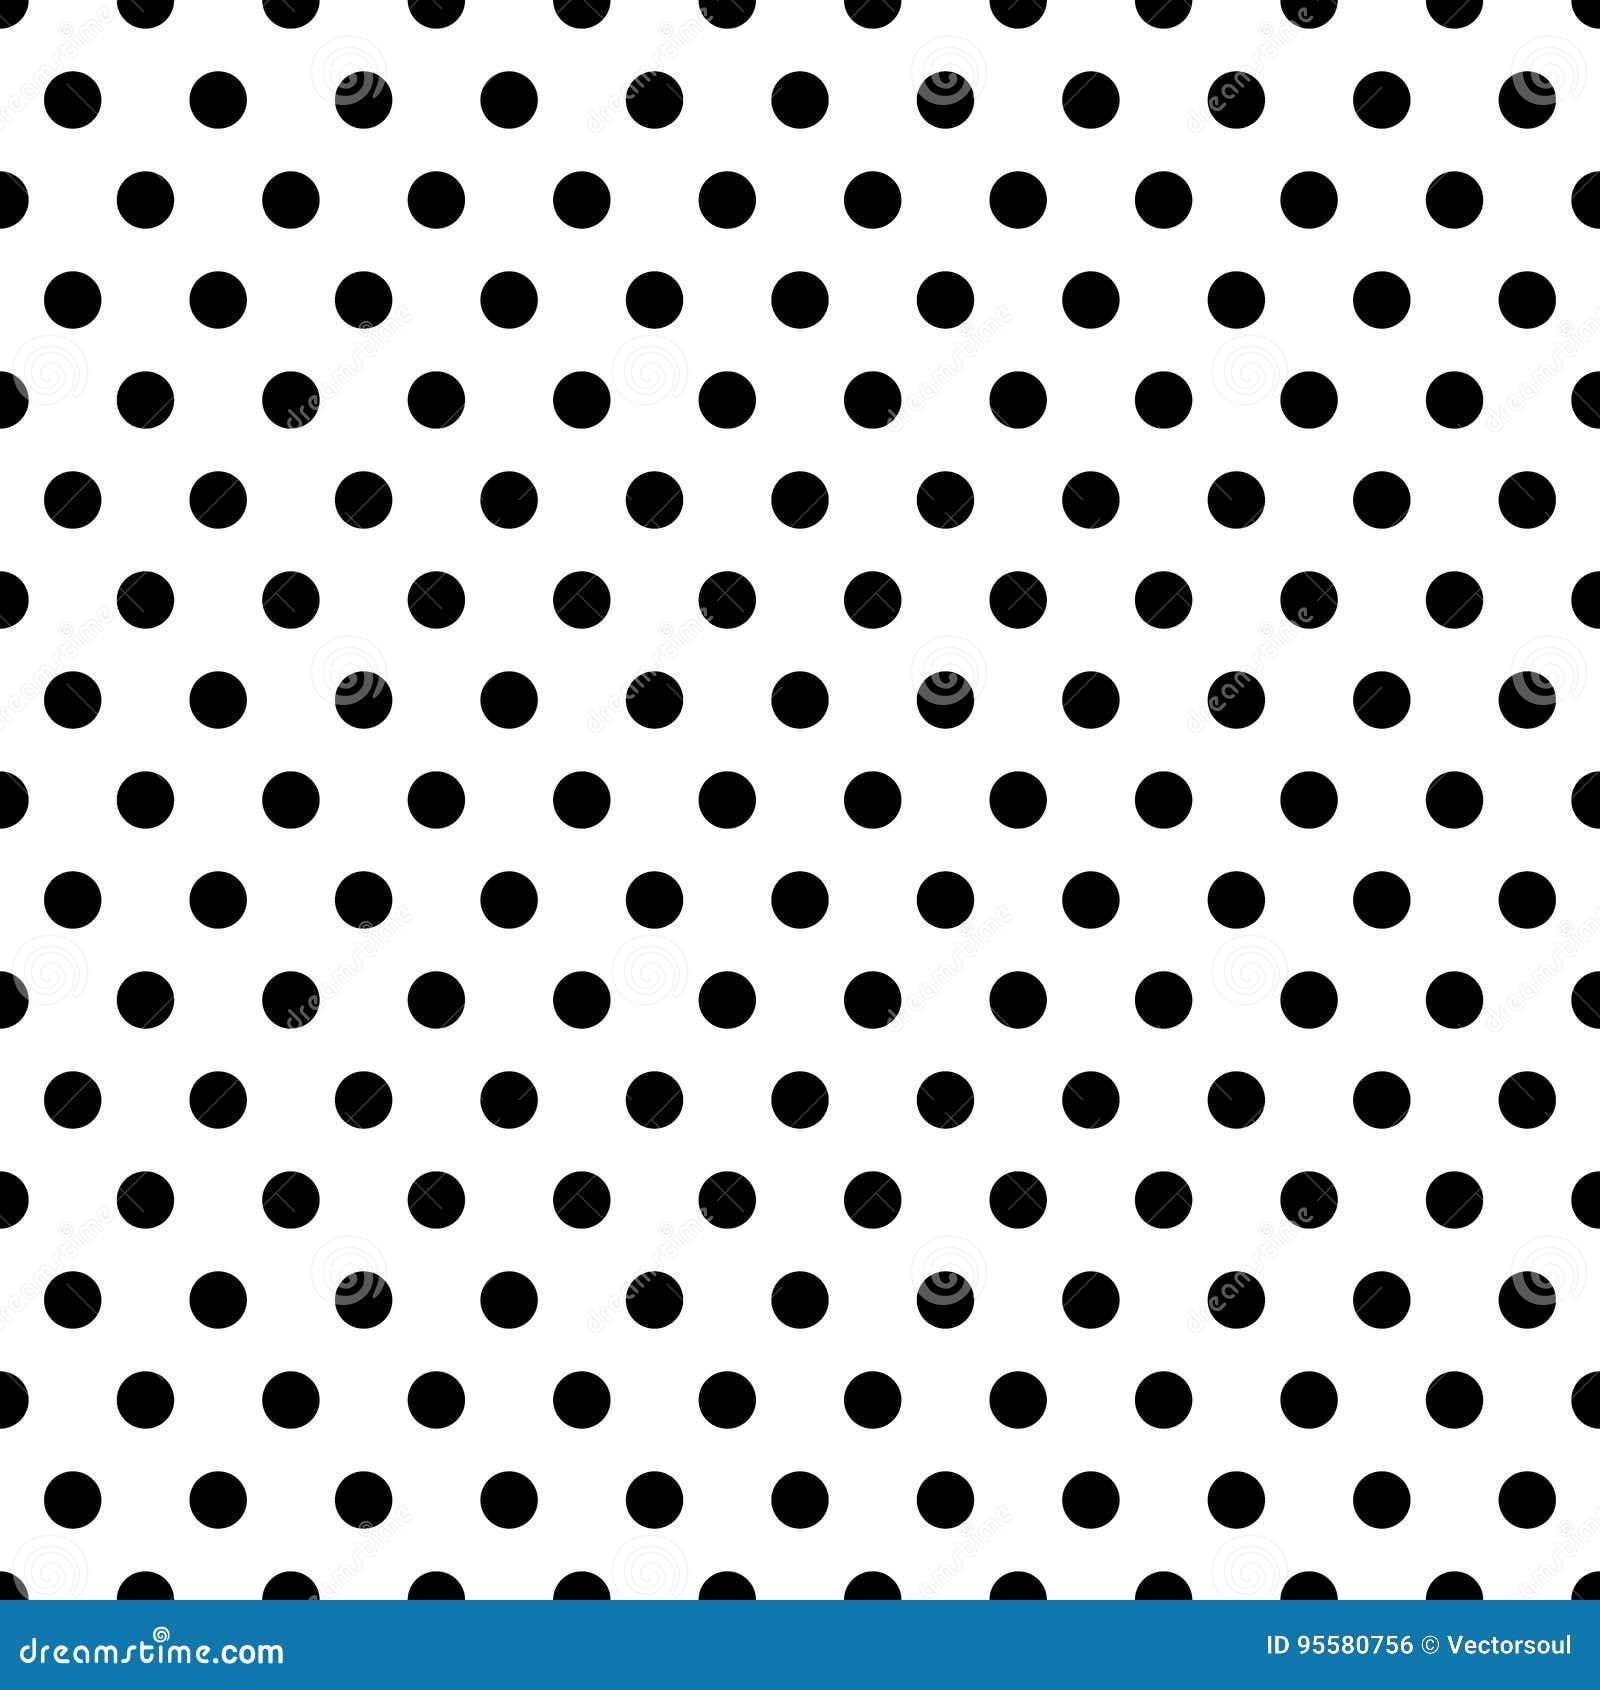 Seamless Circles Dots Pattern Seamlessly Repeatable Polka Dot